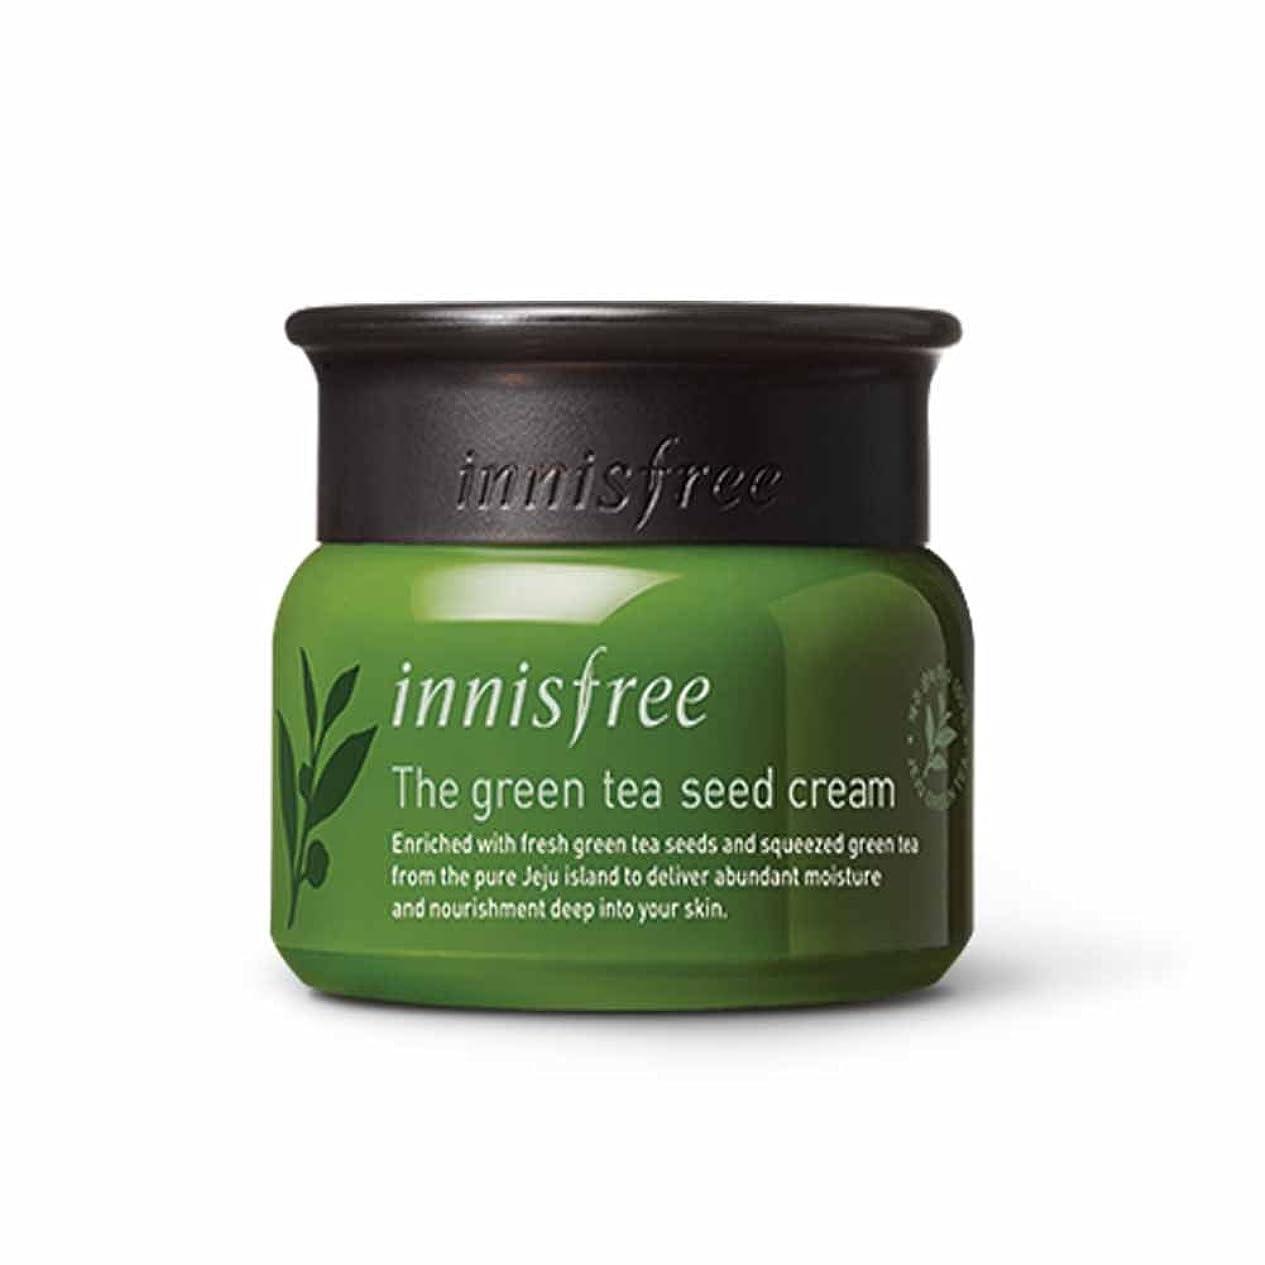 外国人牛変装イニスフリーグリーンティーシードクリーム50ml Innisfree The Green Tea Seed Cream 50ml[海外直送品][並行輸入品]